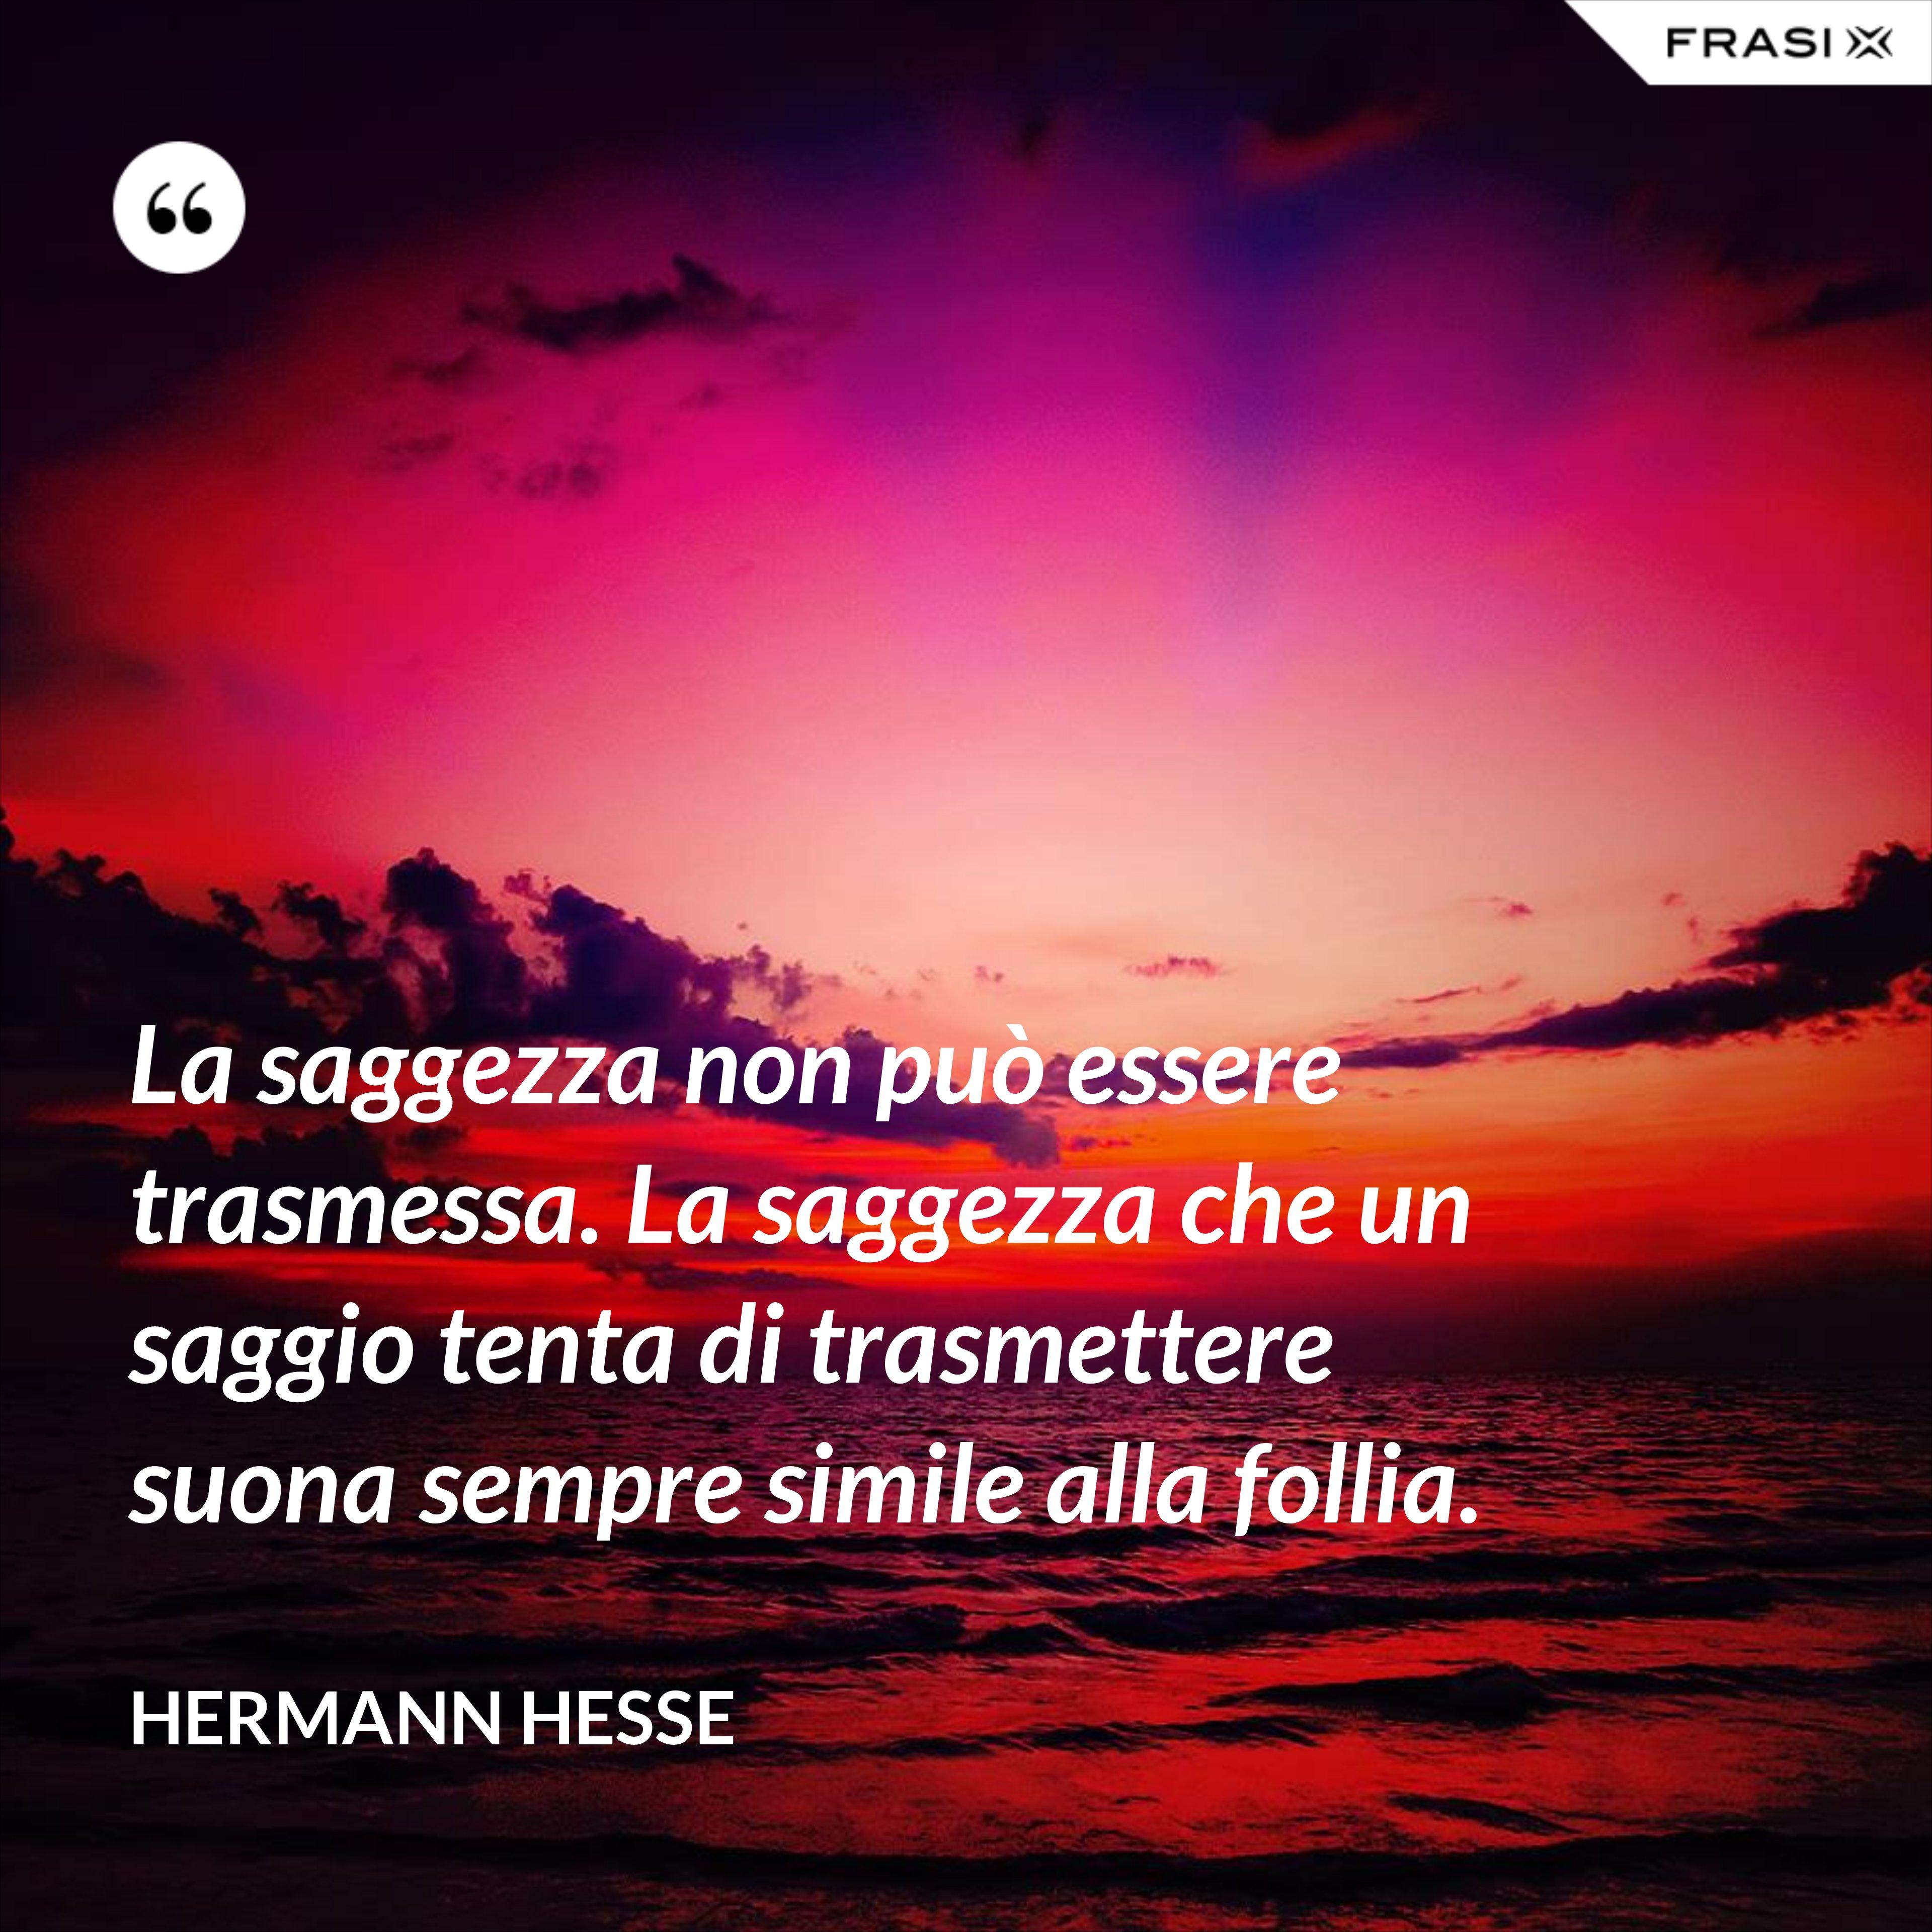 La saggezza non può essere trasmessa. La saggezza che un saggio tenta di trasmettere suona sempre simile alla follia. - Hermann Hesse